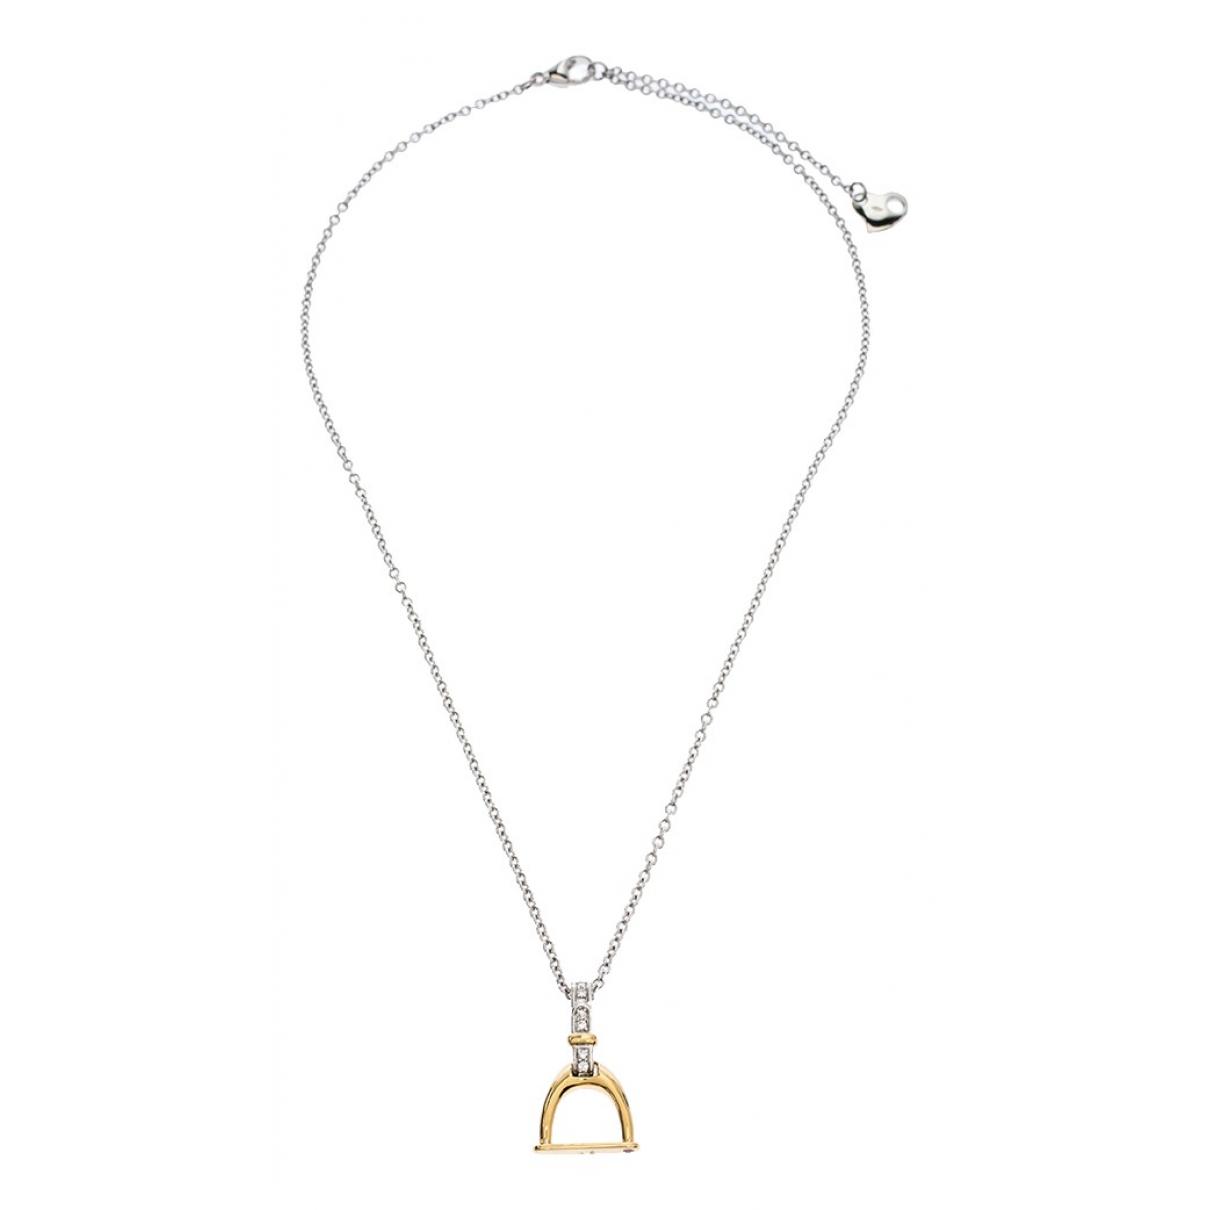 Roberto Coin - Collier   pour femme en or blanc - argente